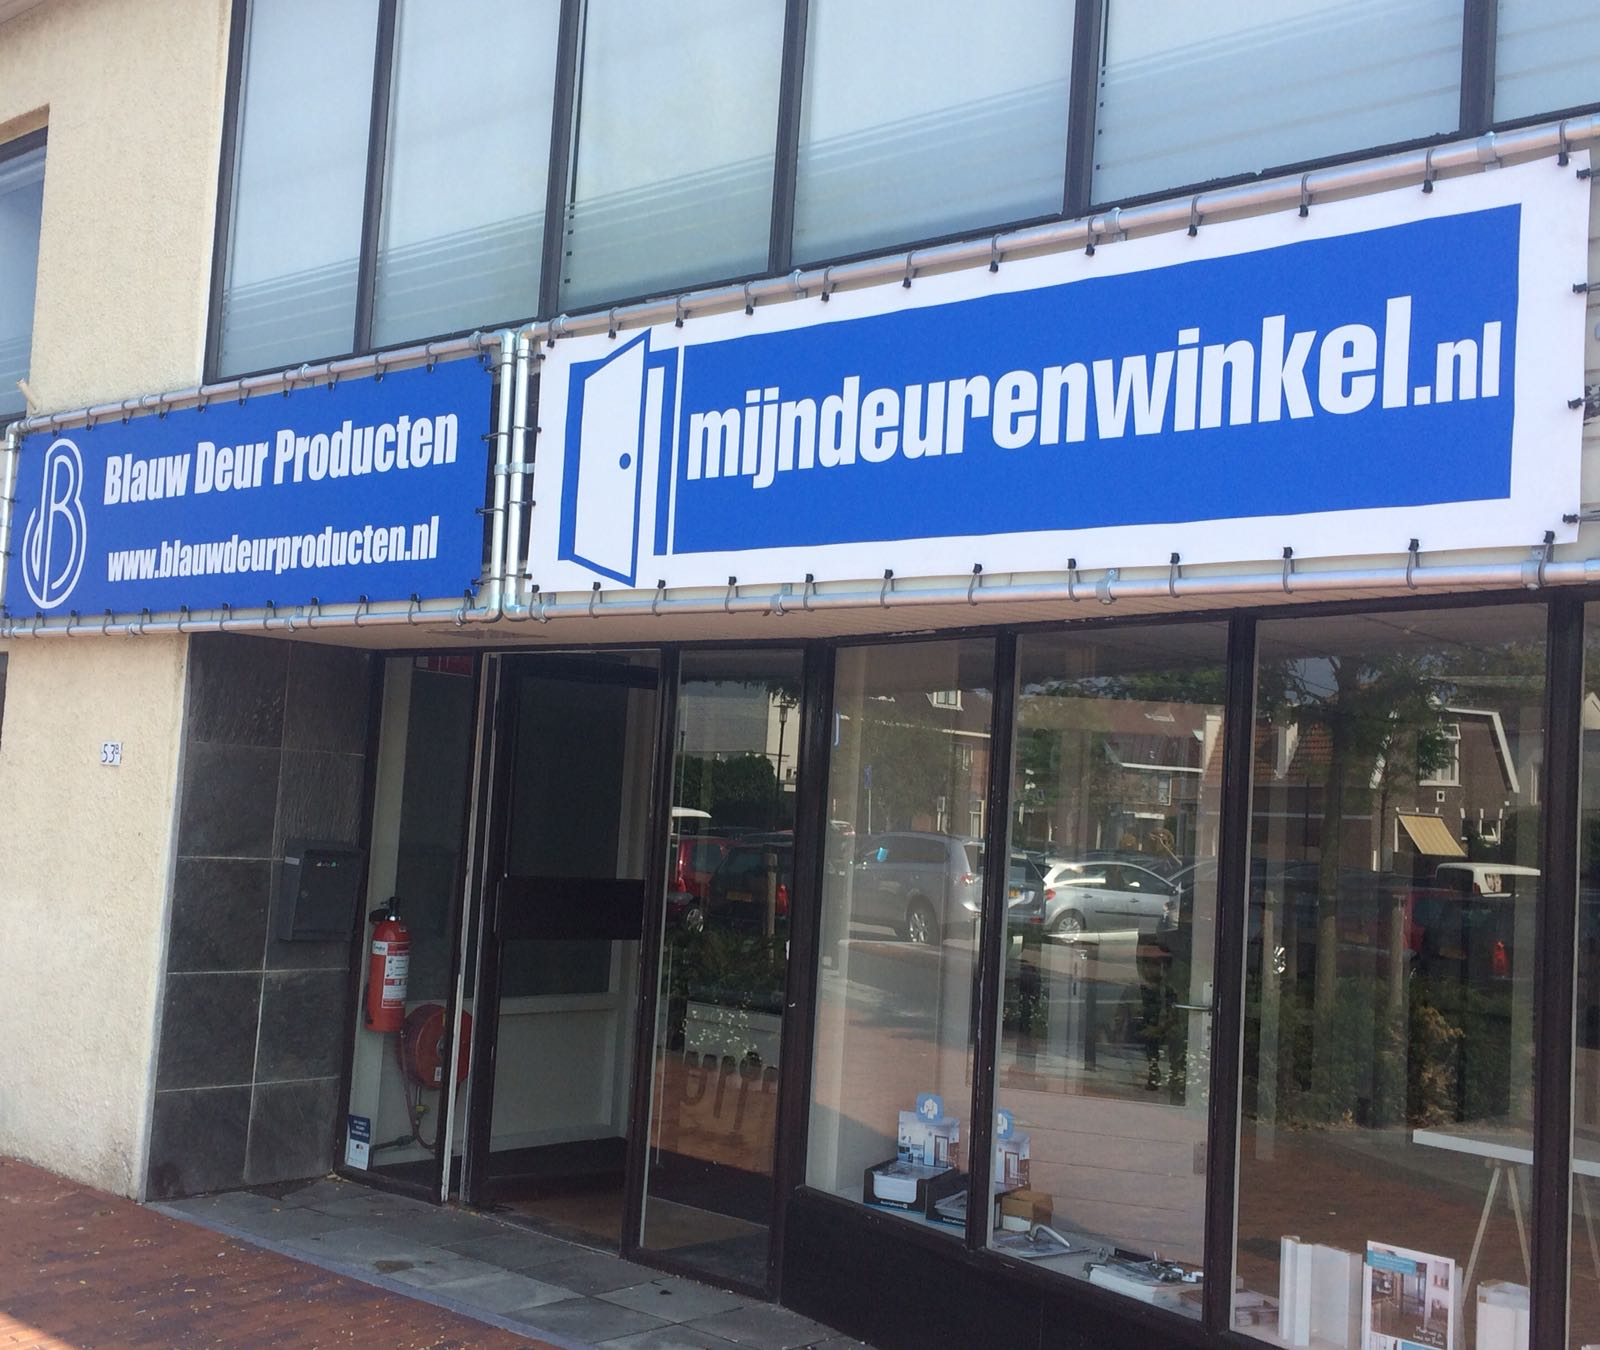 Showroom Mijndeurenwinkel.nl